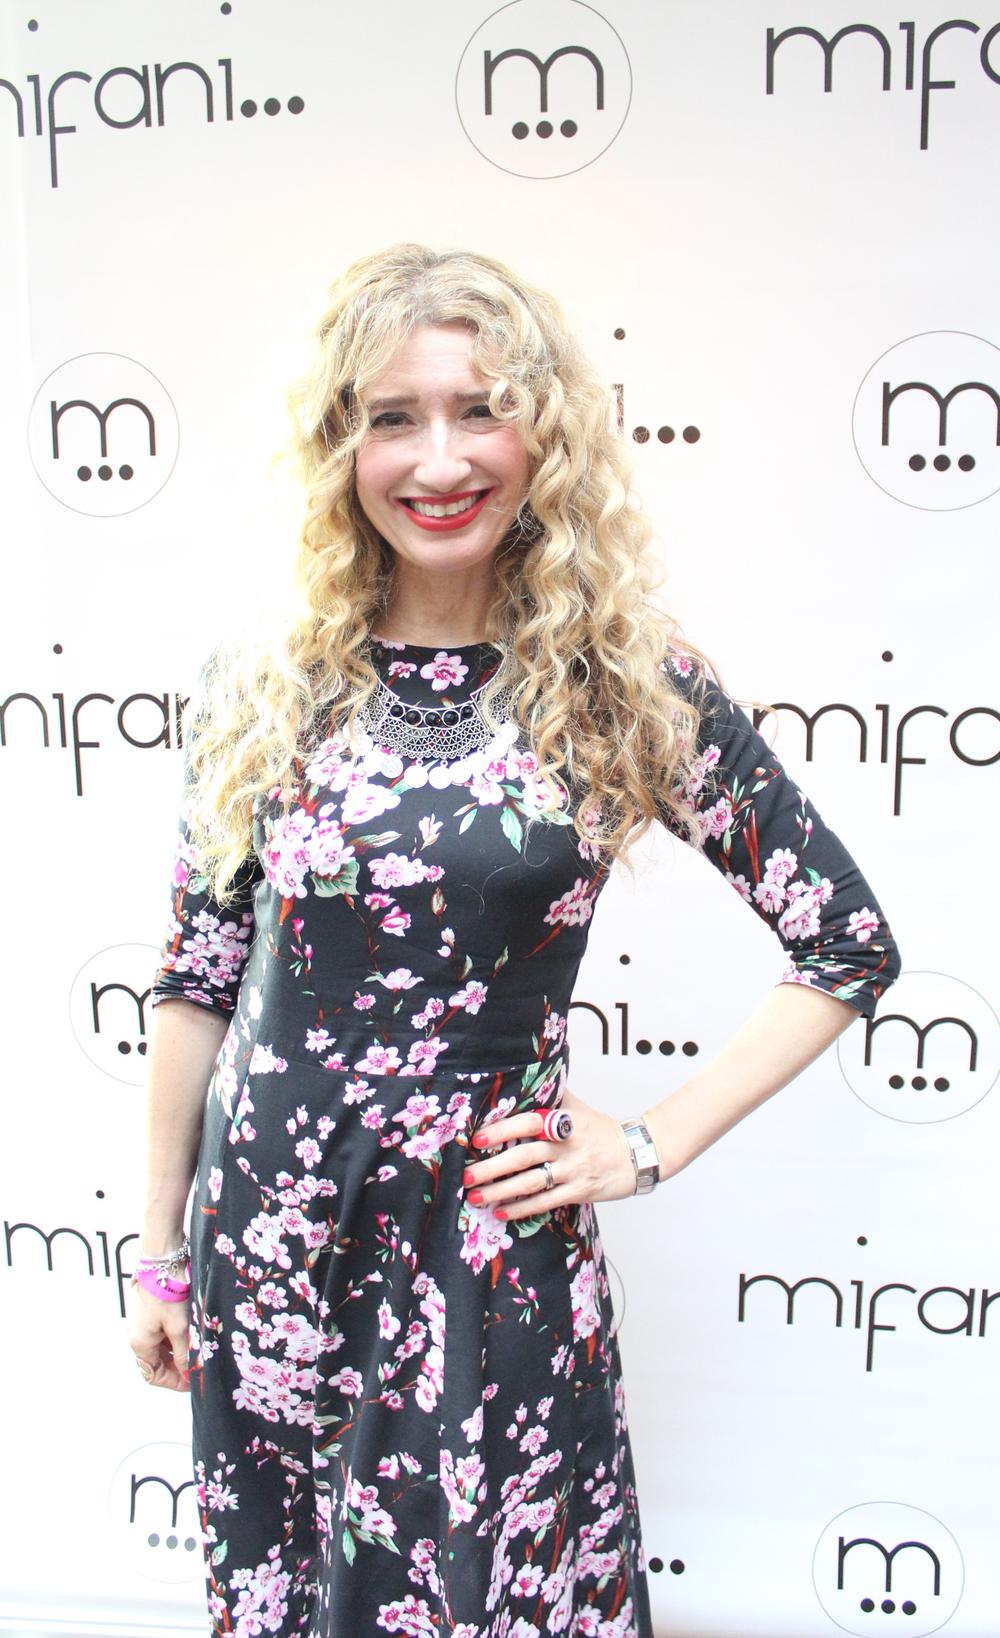 Melanie Mason